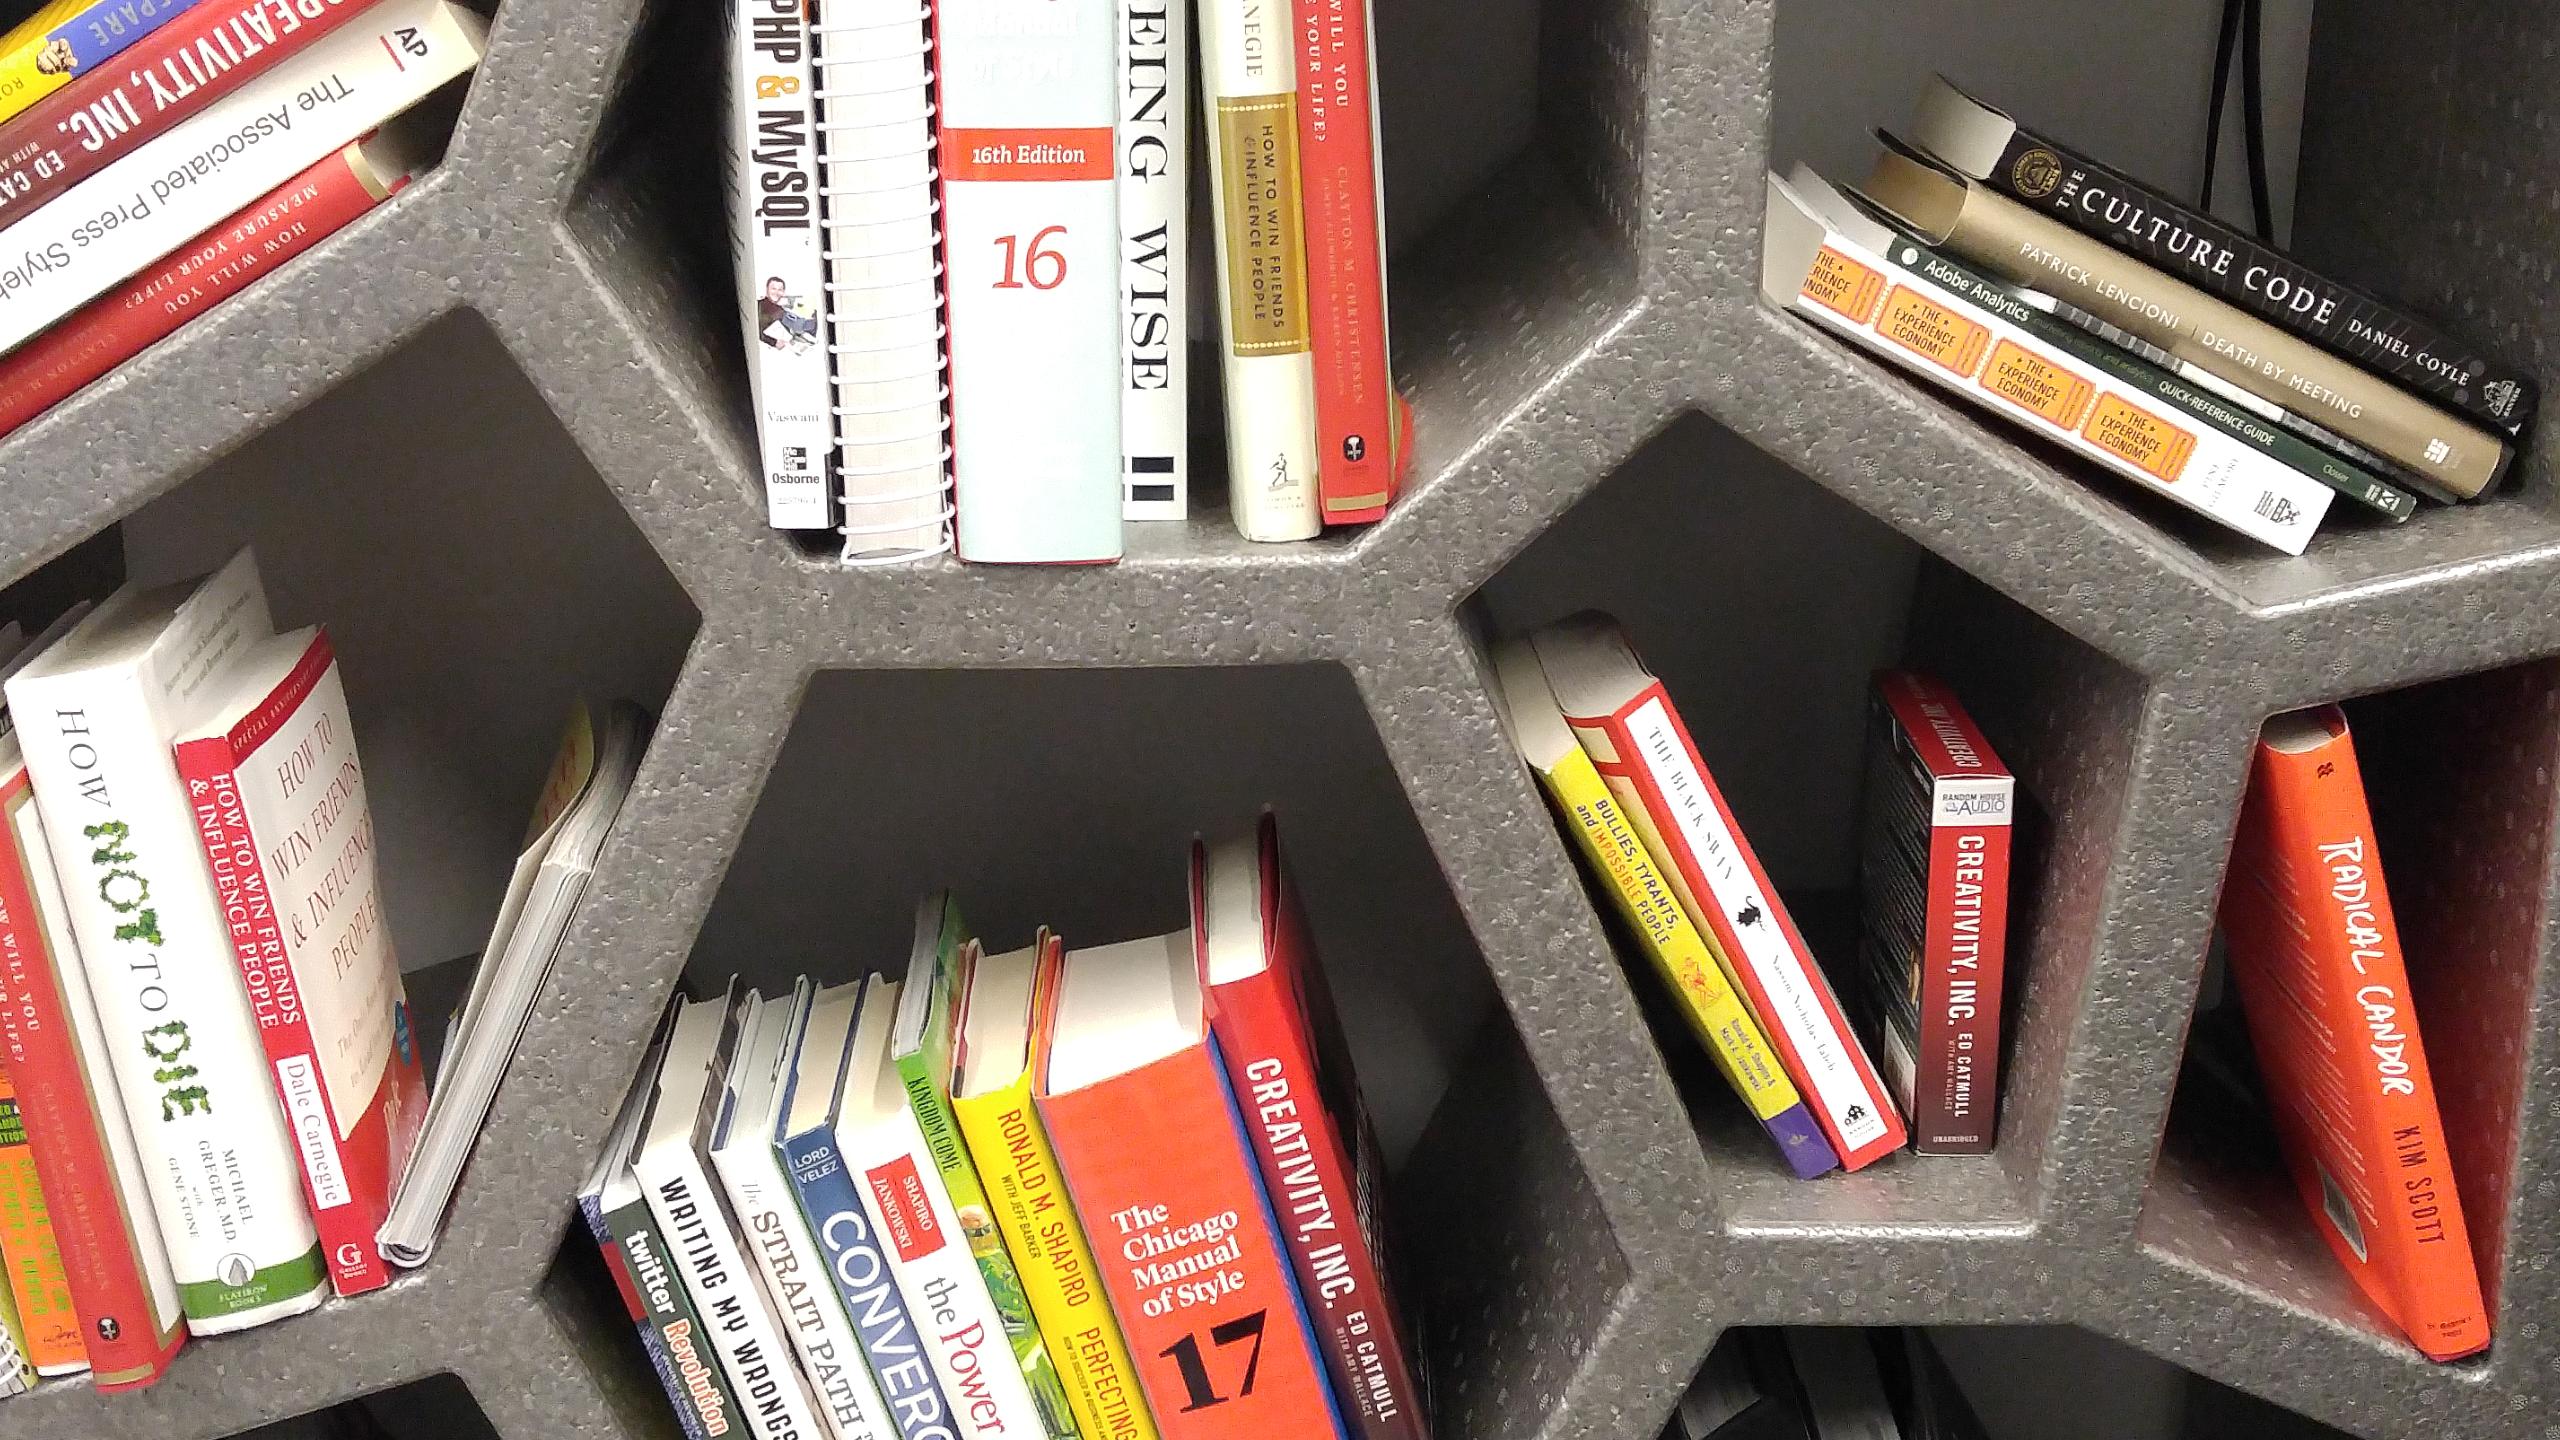 97th Floor Bookshelf